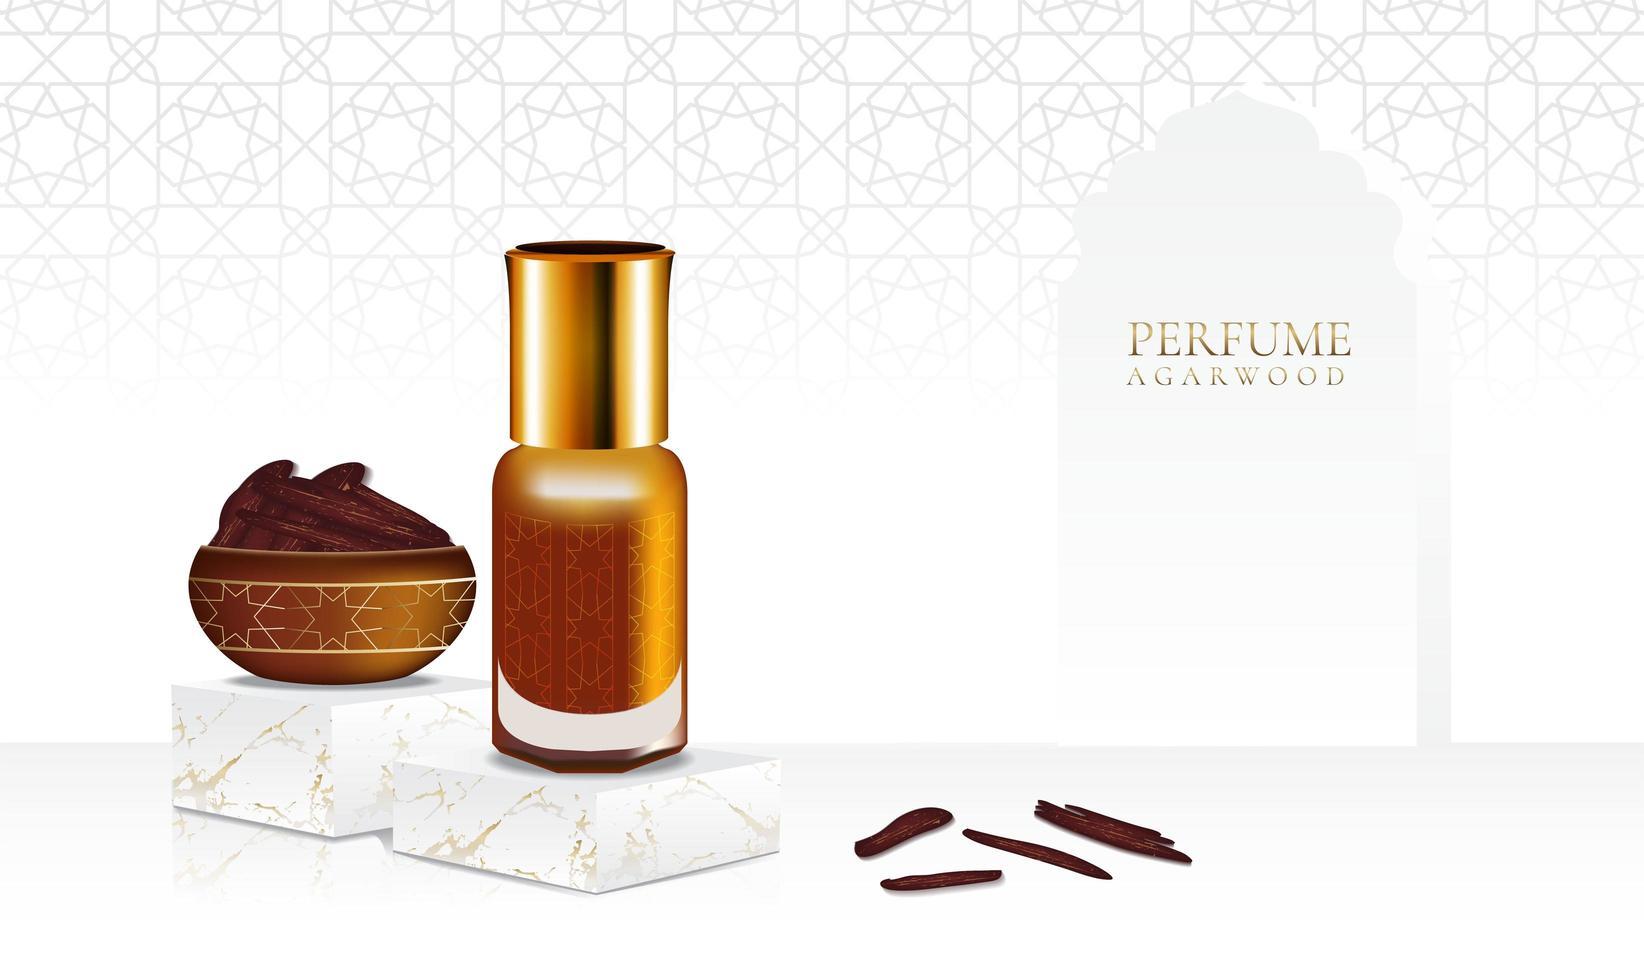 Parfüm-Agarholz auf Marmorständer mit Isolatflasche vektor